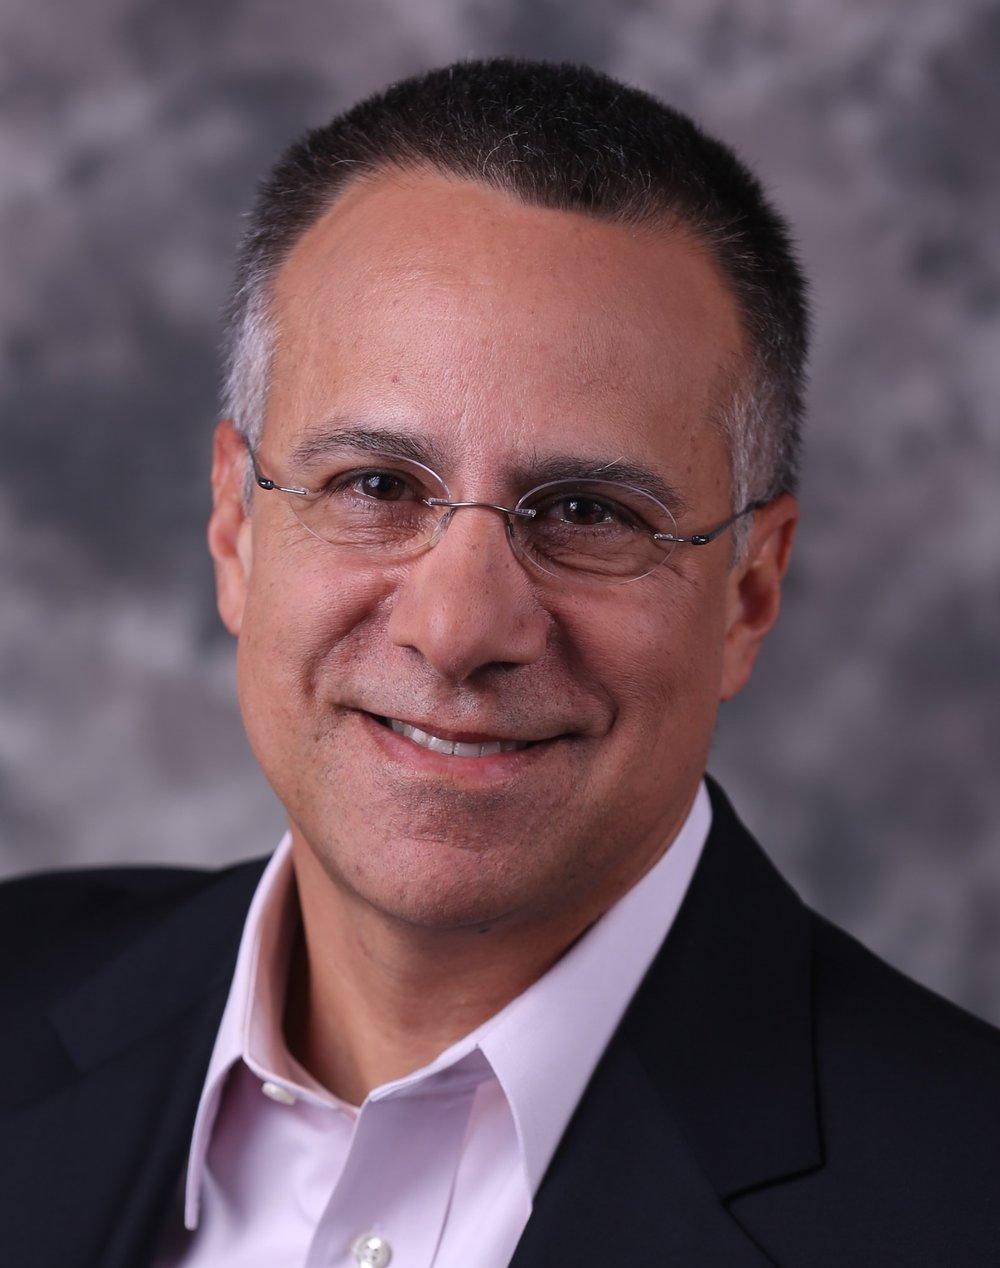 Joel Albizo